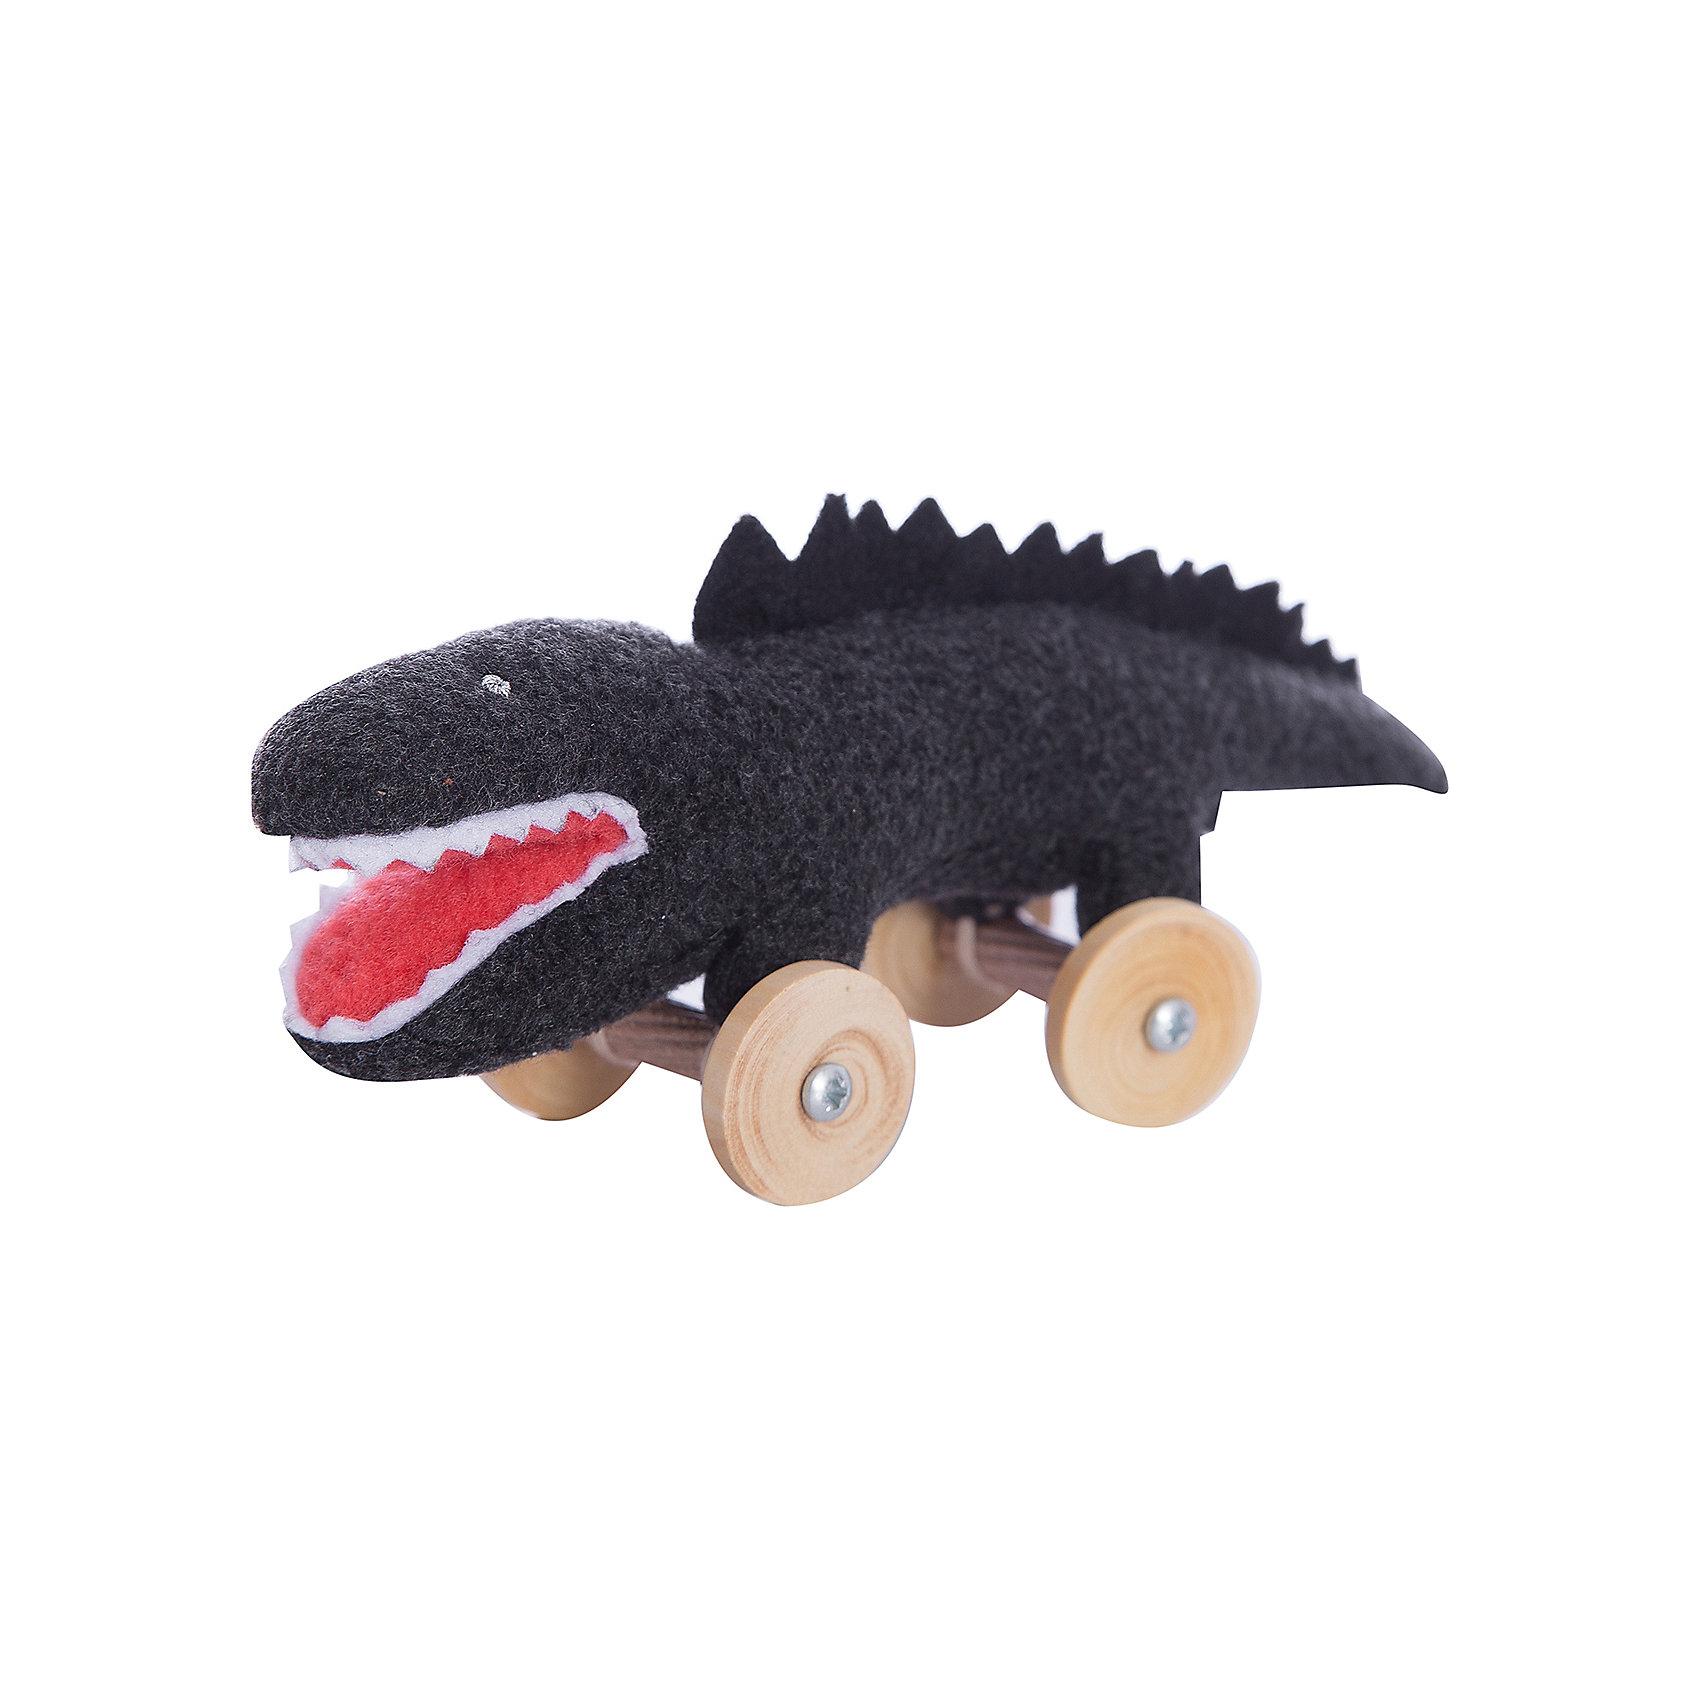 Мягкая игрушка Крокодил на колесиках, черный, 16см&#13;, TrousselierИгрушки-каталки<br>Мягкая игрушка Крокодил на колесиках, черный, 16см, Trousselier (Трусельер).<br><br>Характеристики:<br><br>- Длина: 16 см.<br>- Цвет: черный<br>- Материал: дерево, хлопок, хлопковый велюр<br>- Уход: ручная стирка<br><br>Игрушка-каталка, выполненная в виде очаровательного крокодильчика с колесиками, непременно, привлечет к себе внимание ребенка. Игрушка изготовлена из мягкого гипоаллергенного материала - хлопкового велюра, колесики из натурального дерева и абсолютно безопасна для детей. Оригинальная форма и яркие цвета стимулируют развитие малыша. В процессе игры у ребенка развивается моторика, координация движений, цветовое восприятие, а также тактильные ощущения. Французский бренд Trousselier (Трусельер) вот уже более 40 лет создает уникальные коллекции детских игрушек. Вся продукция изготавливается из натуральных материалов с соблюдением высоких европейских стандартов качества.<br><br>Мягкую игрушку Крокодил на колесиках, черный, 16см, Trousselier (Трусельер) можно купить в нашем интернет-магазине.<br><br>Ширина мм: 130<br>Глубина мм: 130<br>Высота мм: 75<br>Вес г: 380<br>Возраст от месяцев: -2147483648<br>Возраст до месяцев: 2147483647<br>Пол: Унисекс<br>Возраст: Детский<br>SKU: 4964785